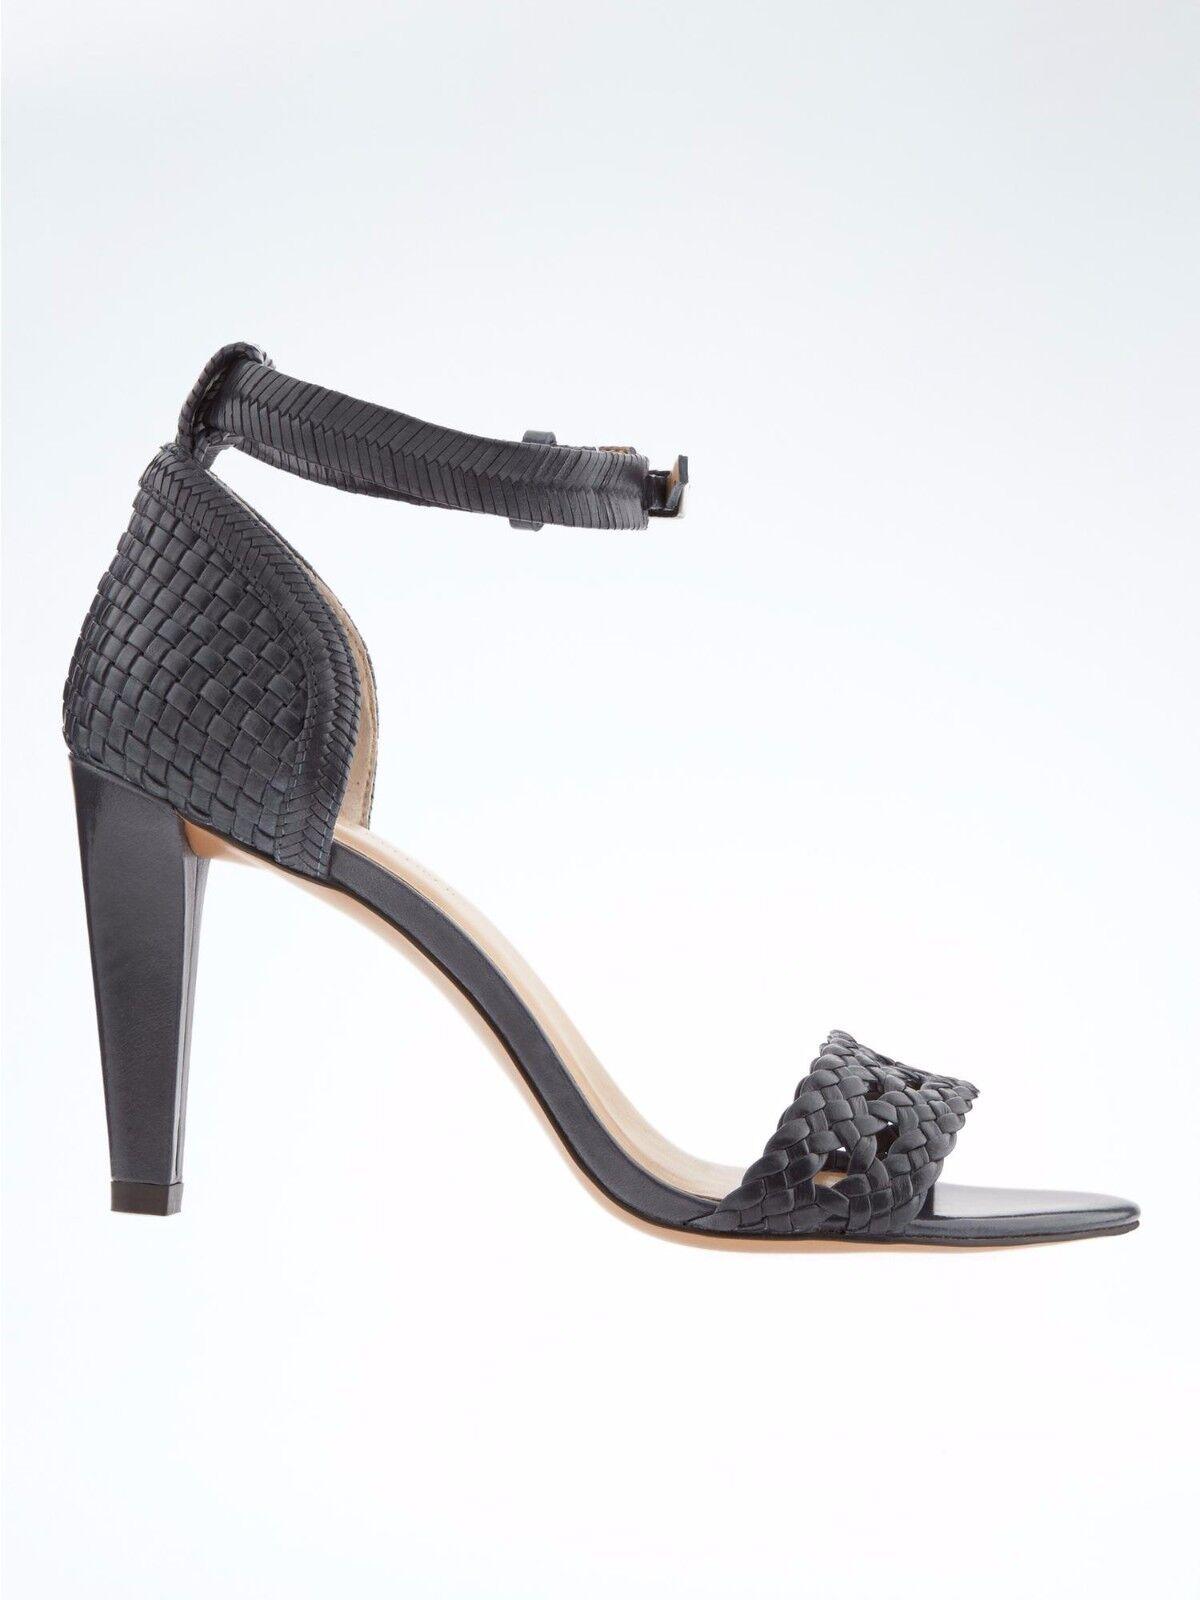 Banana Republic Woven High Heel Sandale, Blau SIZE 6.5    #590326 v4